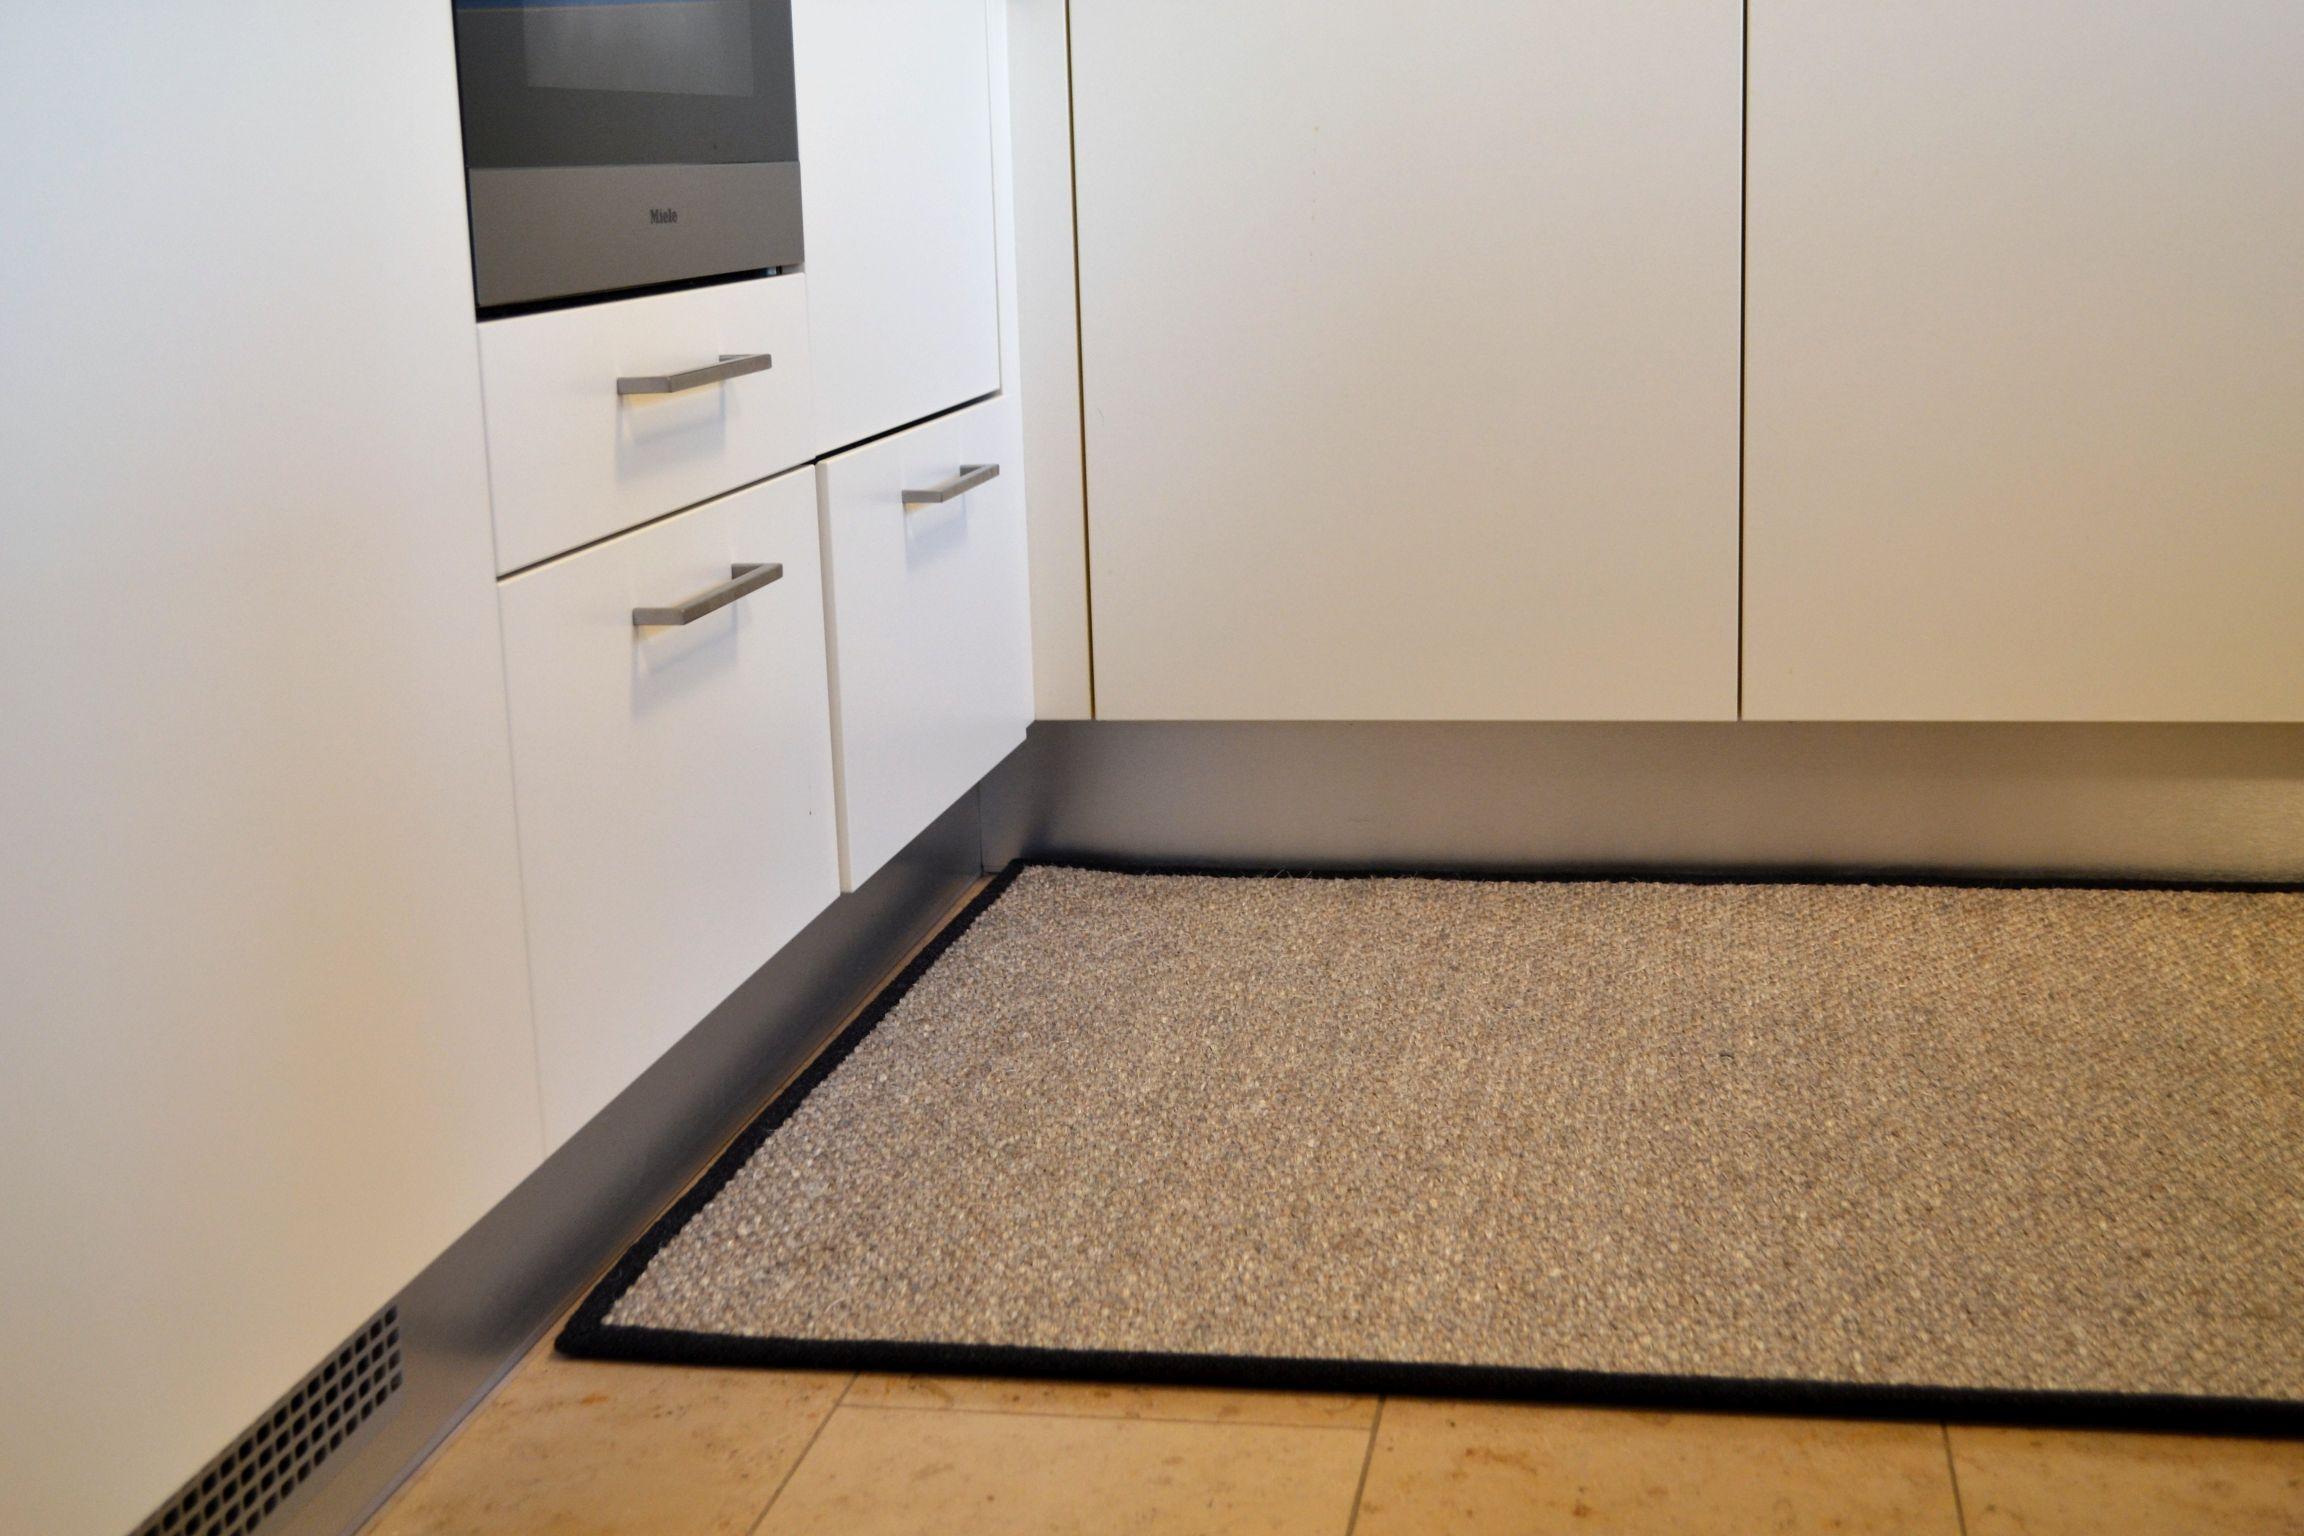 Full Size of Läufer Teppich Küche Teppich Küche Schöner Wohnen Teppich Küche Quadratisch Schmutzfang Teppich Küche Küche Teppich Küche